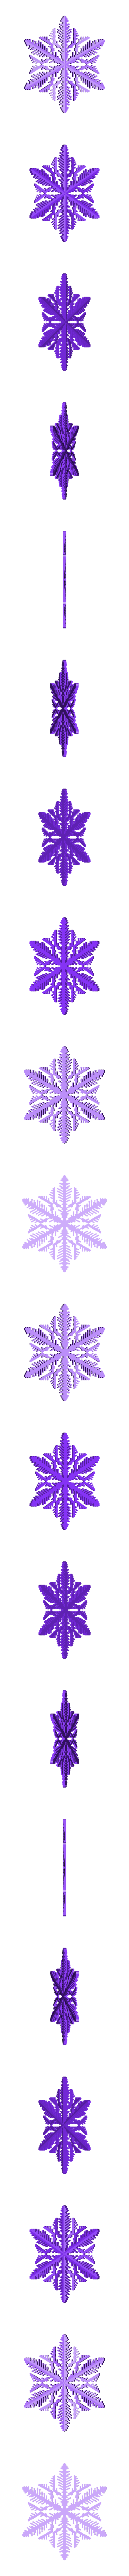 reiter-fat.stl Télécharger fichier STL gratuit Simulation de la croissance des flocons de neige dans OpenSCAD • Plan pour imprimante 3D, arpruss